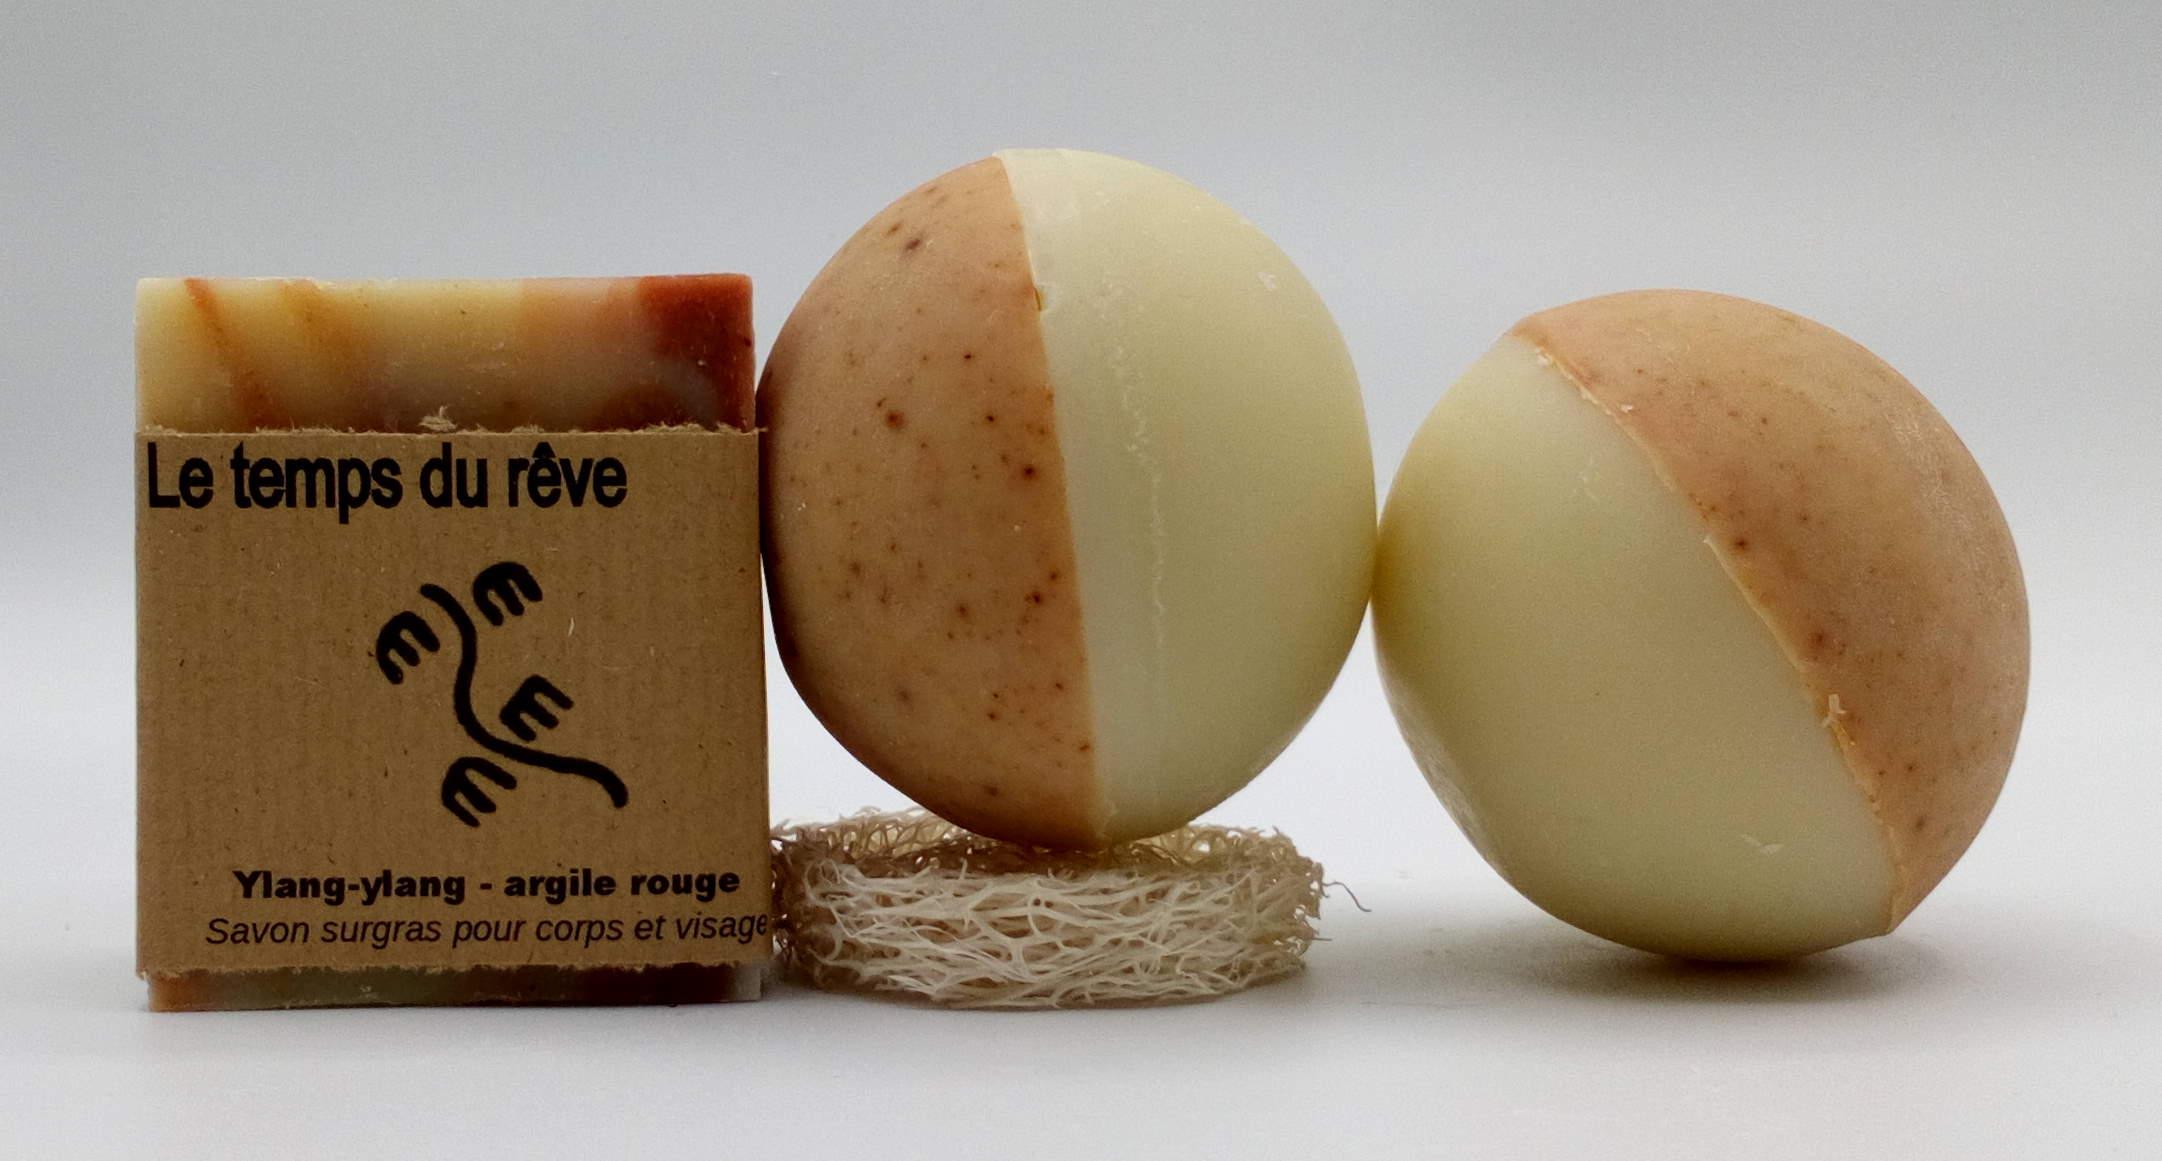 sphère zen savons ronds savons naturels f'ânes de carottes